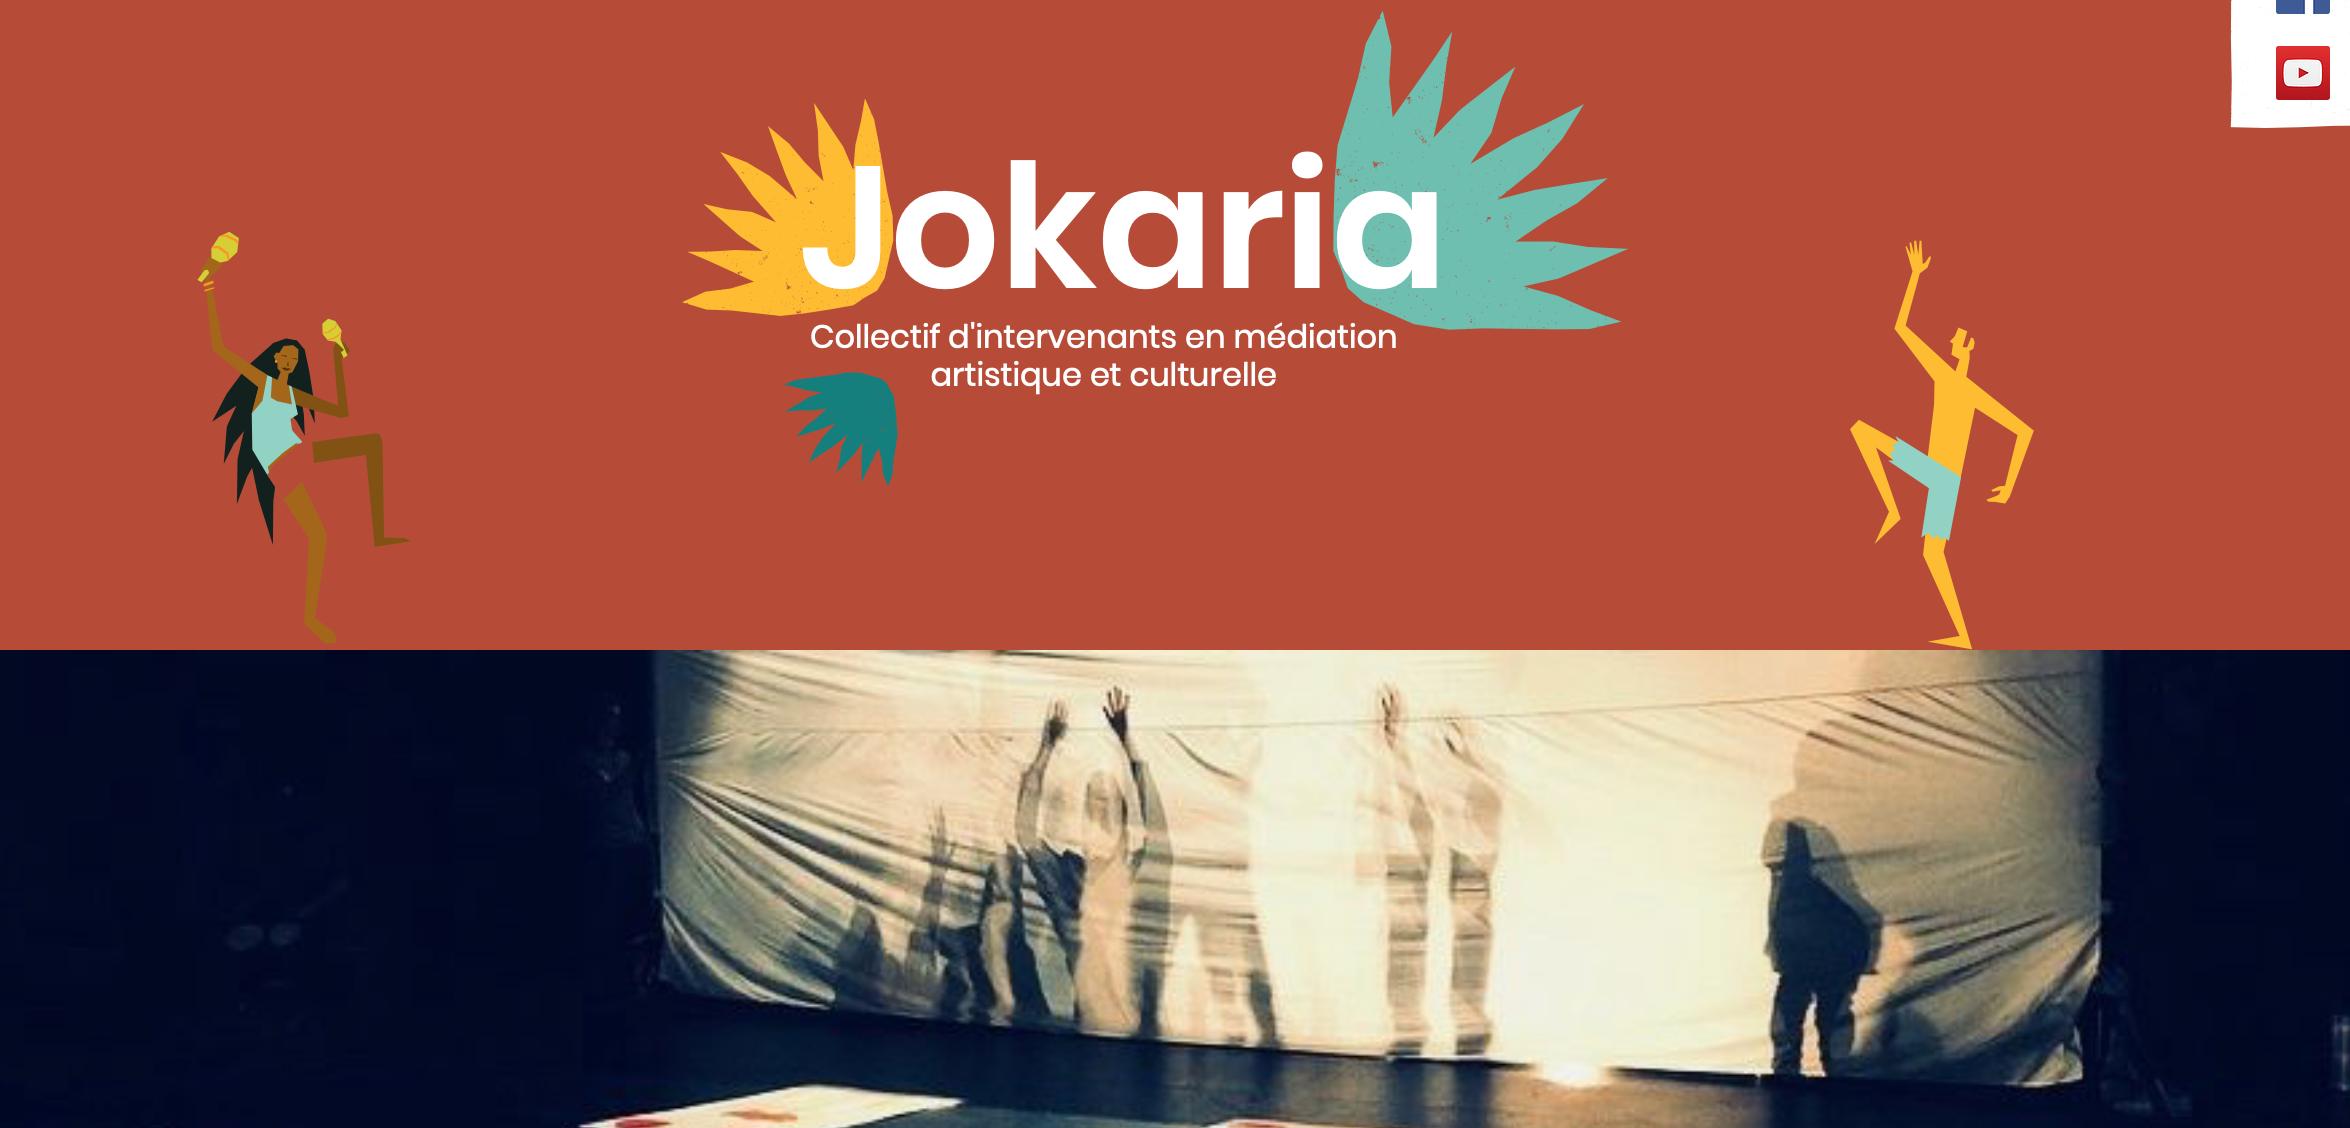 Collectif Jokaria - intervenants en médiation artistique et culturelle